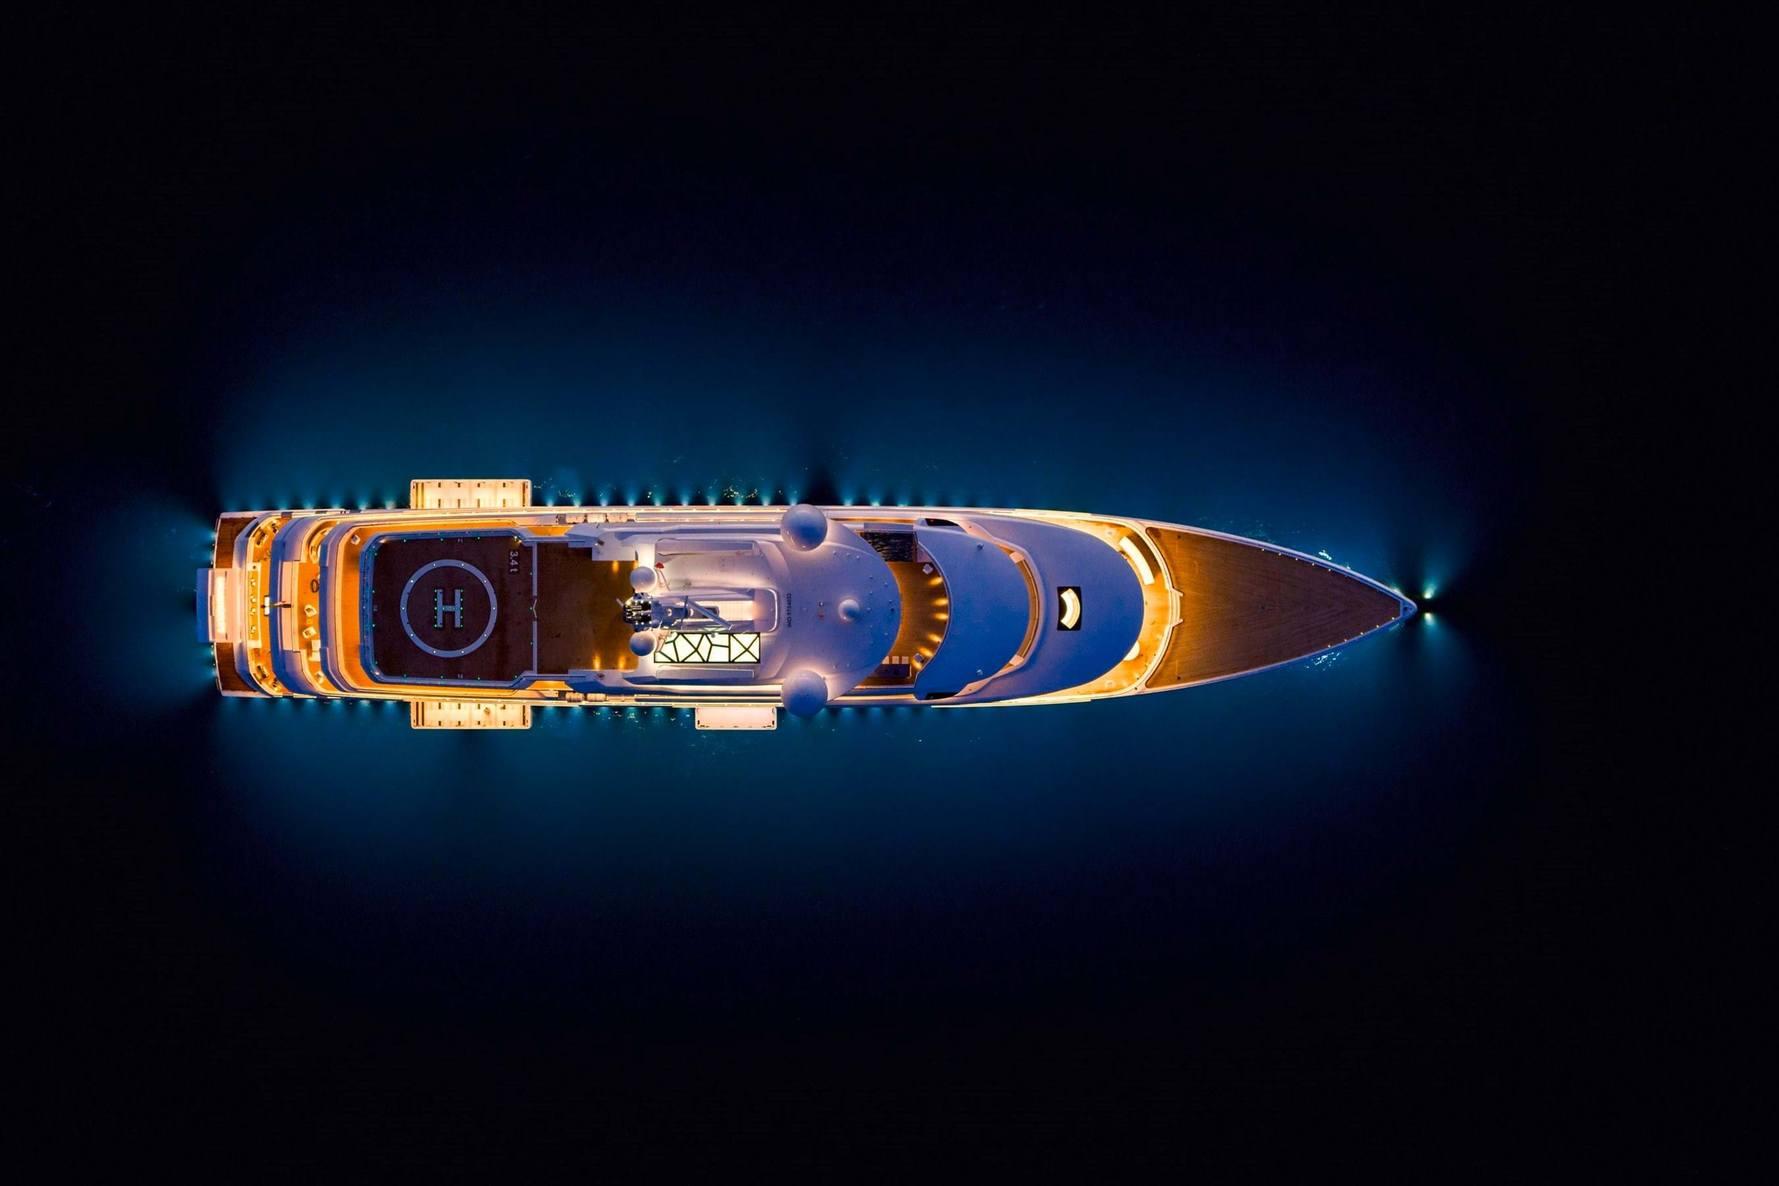 Benettin Superyacht Luminosity at night